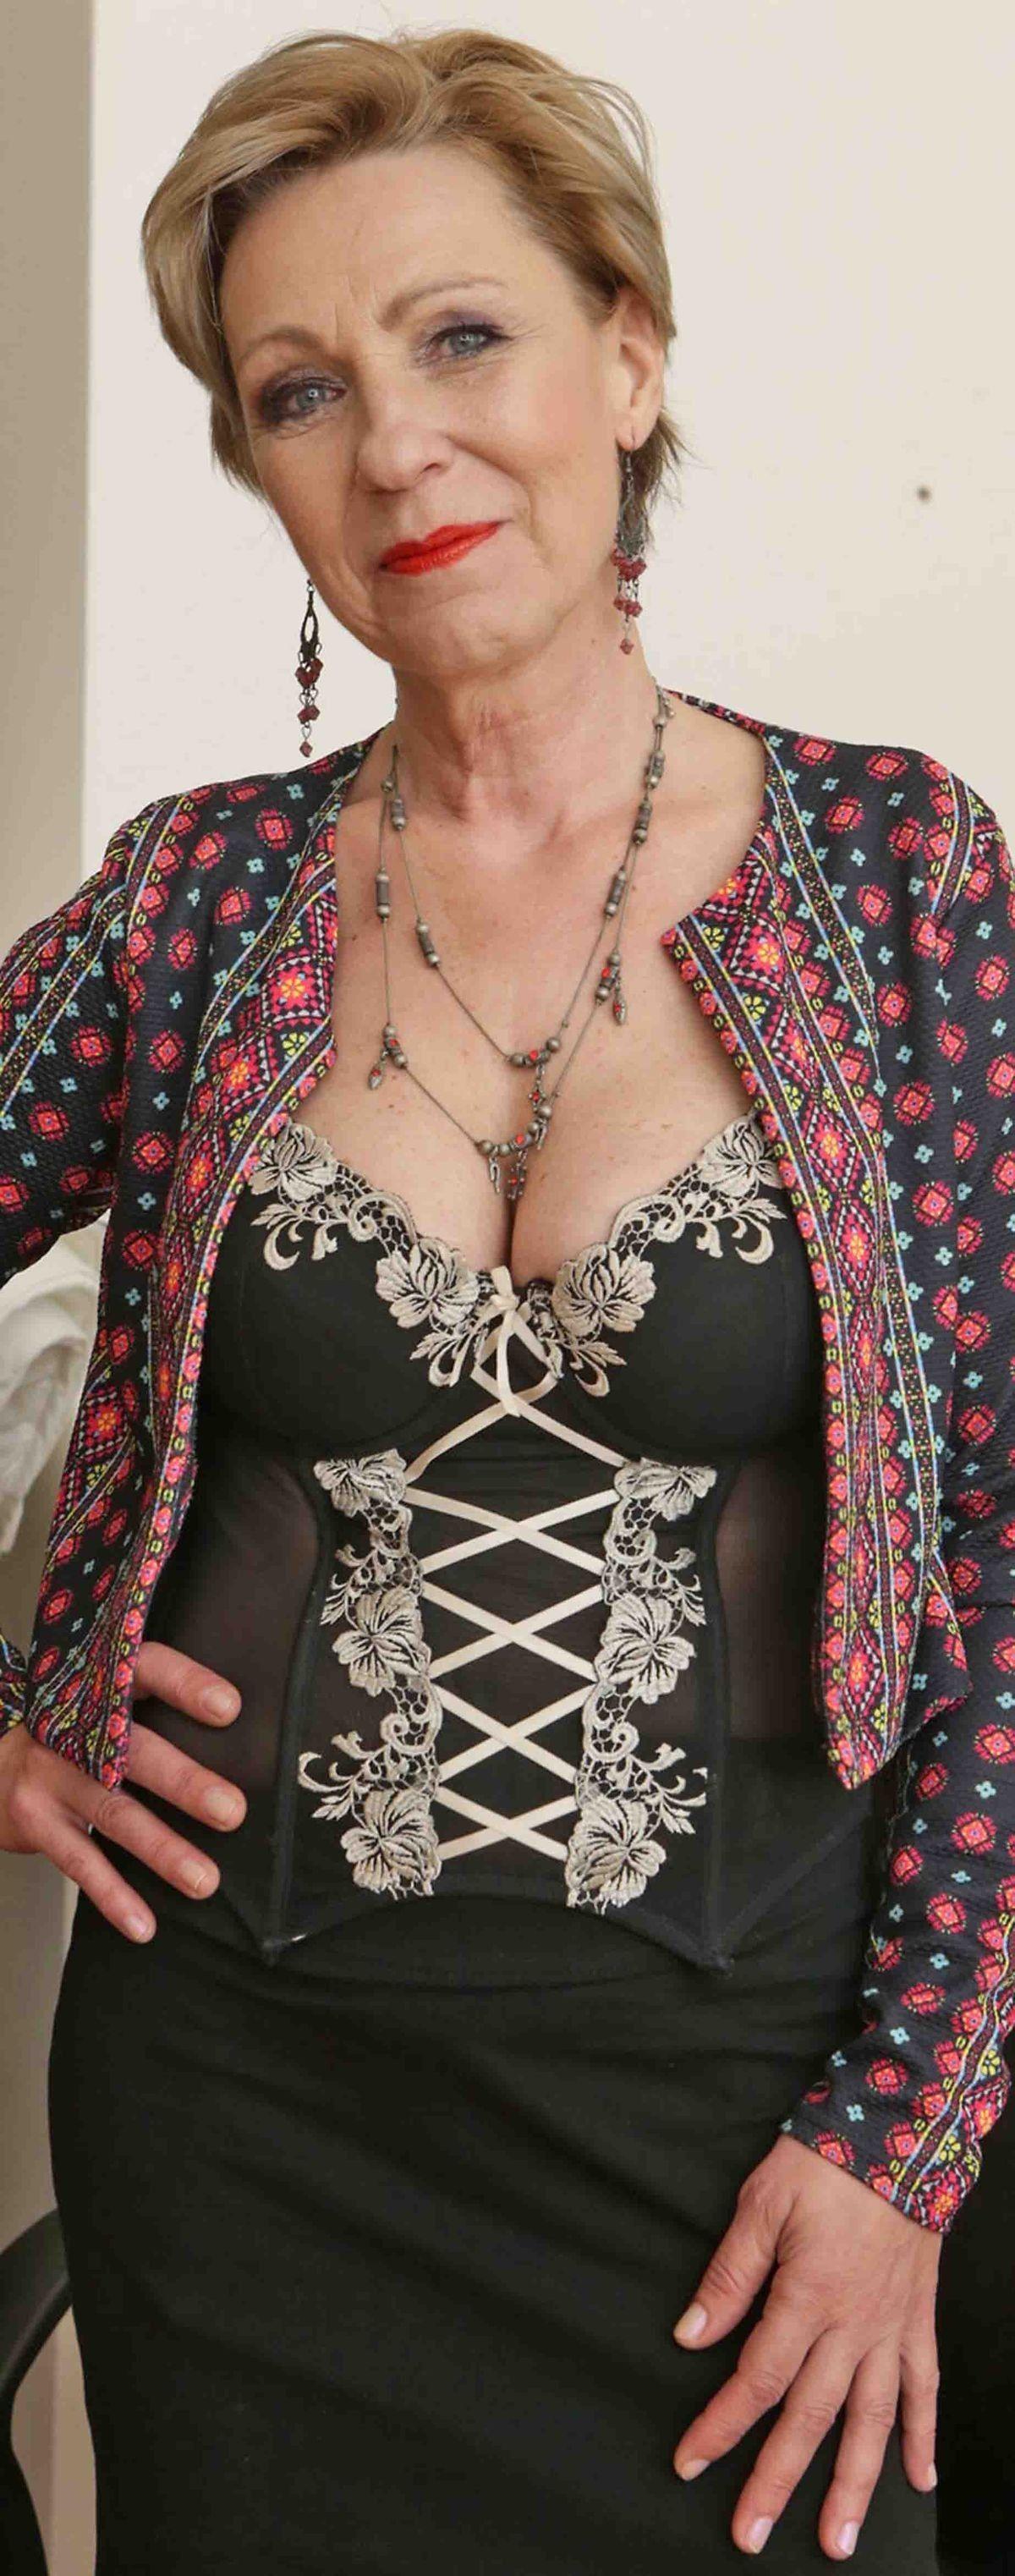 Pin von Michael Bunting auf Beautiful older women